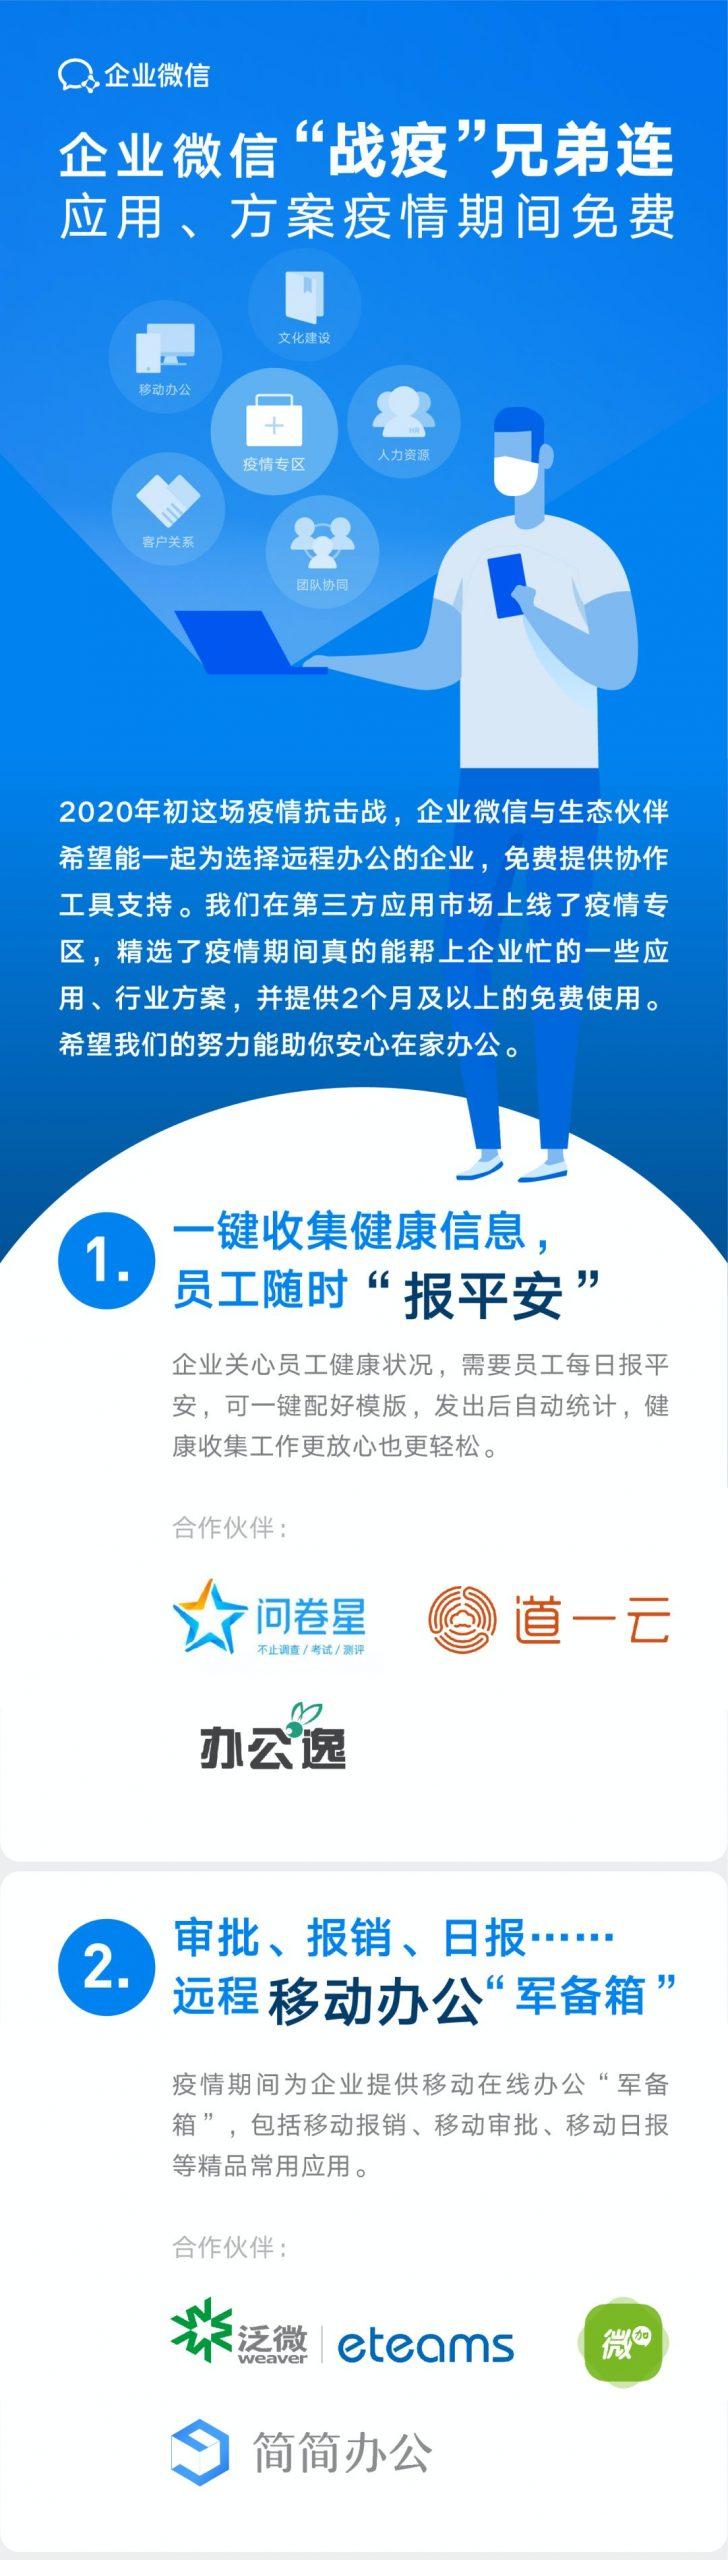 """免费应用、行业方案上架丨企业微信 """"战疫"""" 兄弟连"""